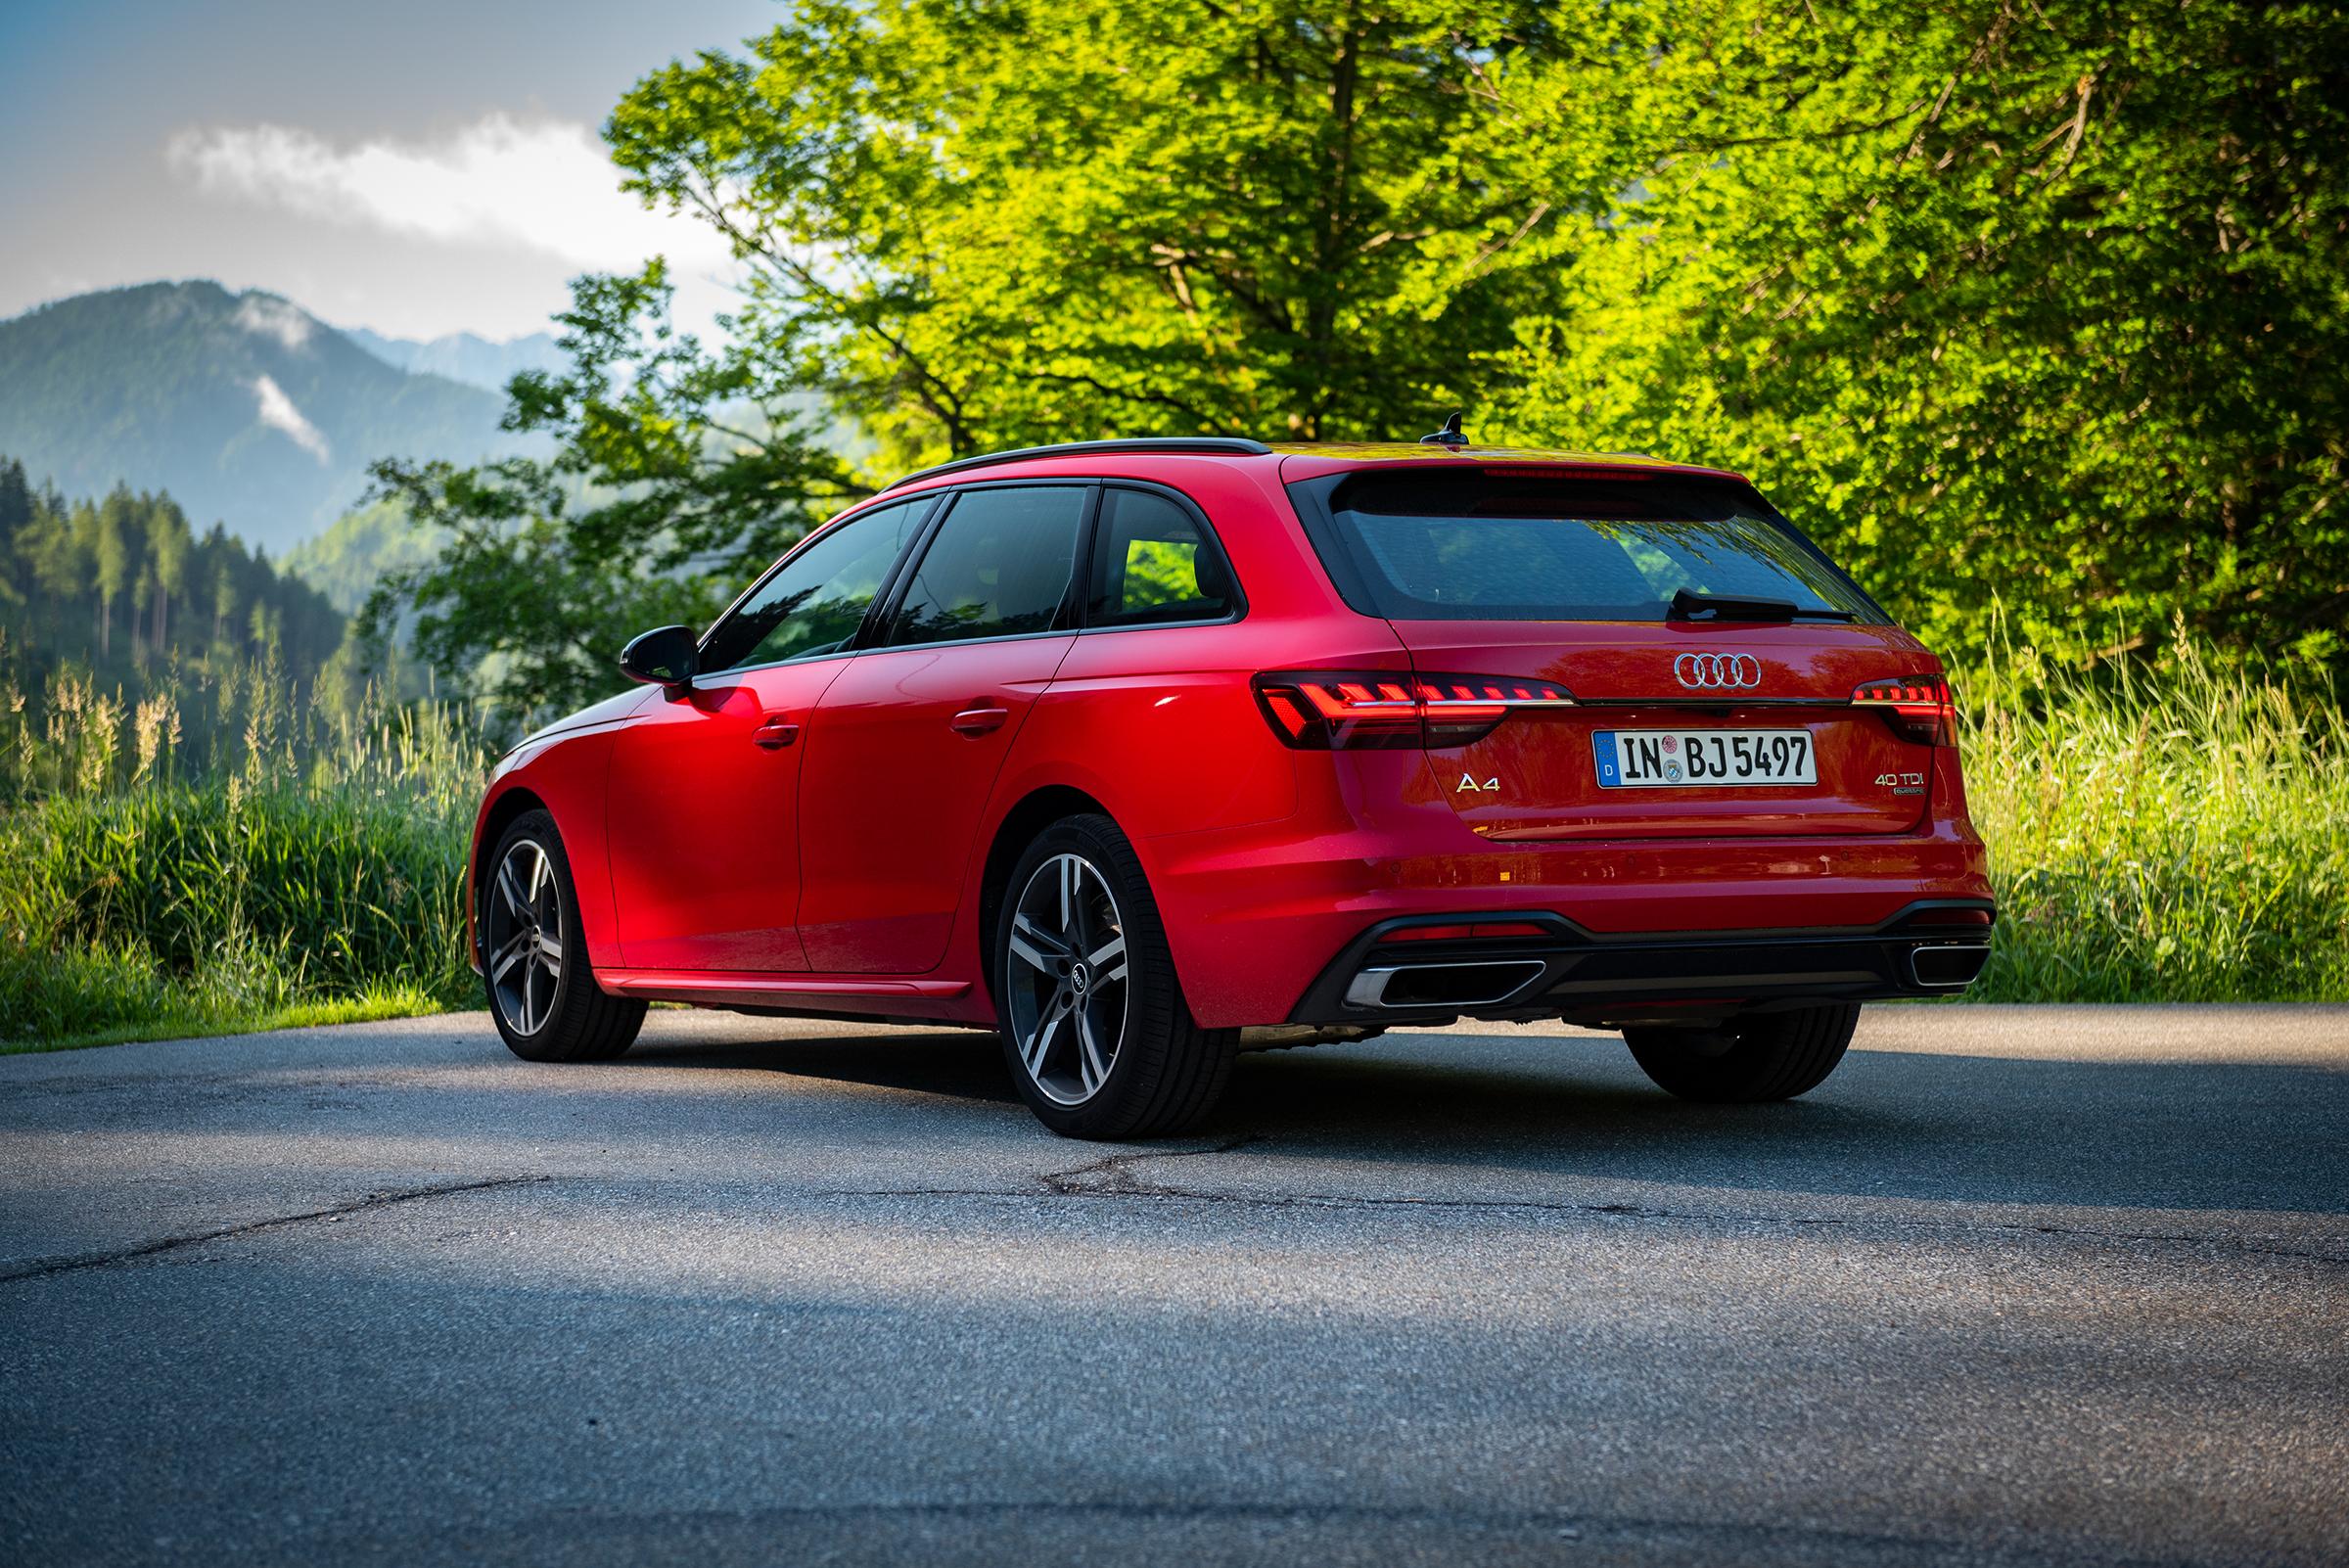 Audi-A4-Avant-2021-Side-Rear